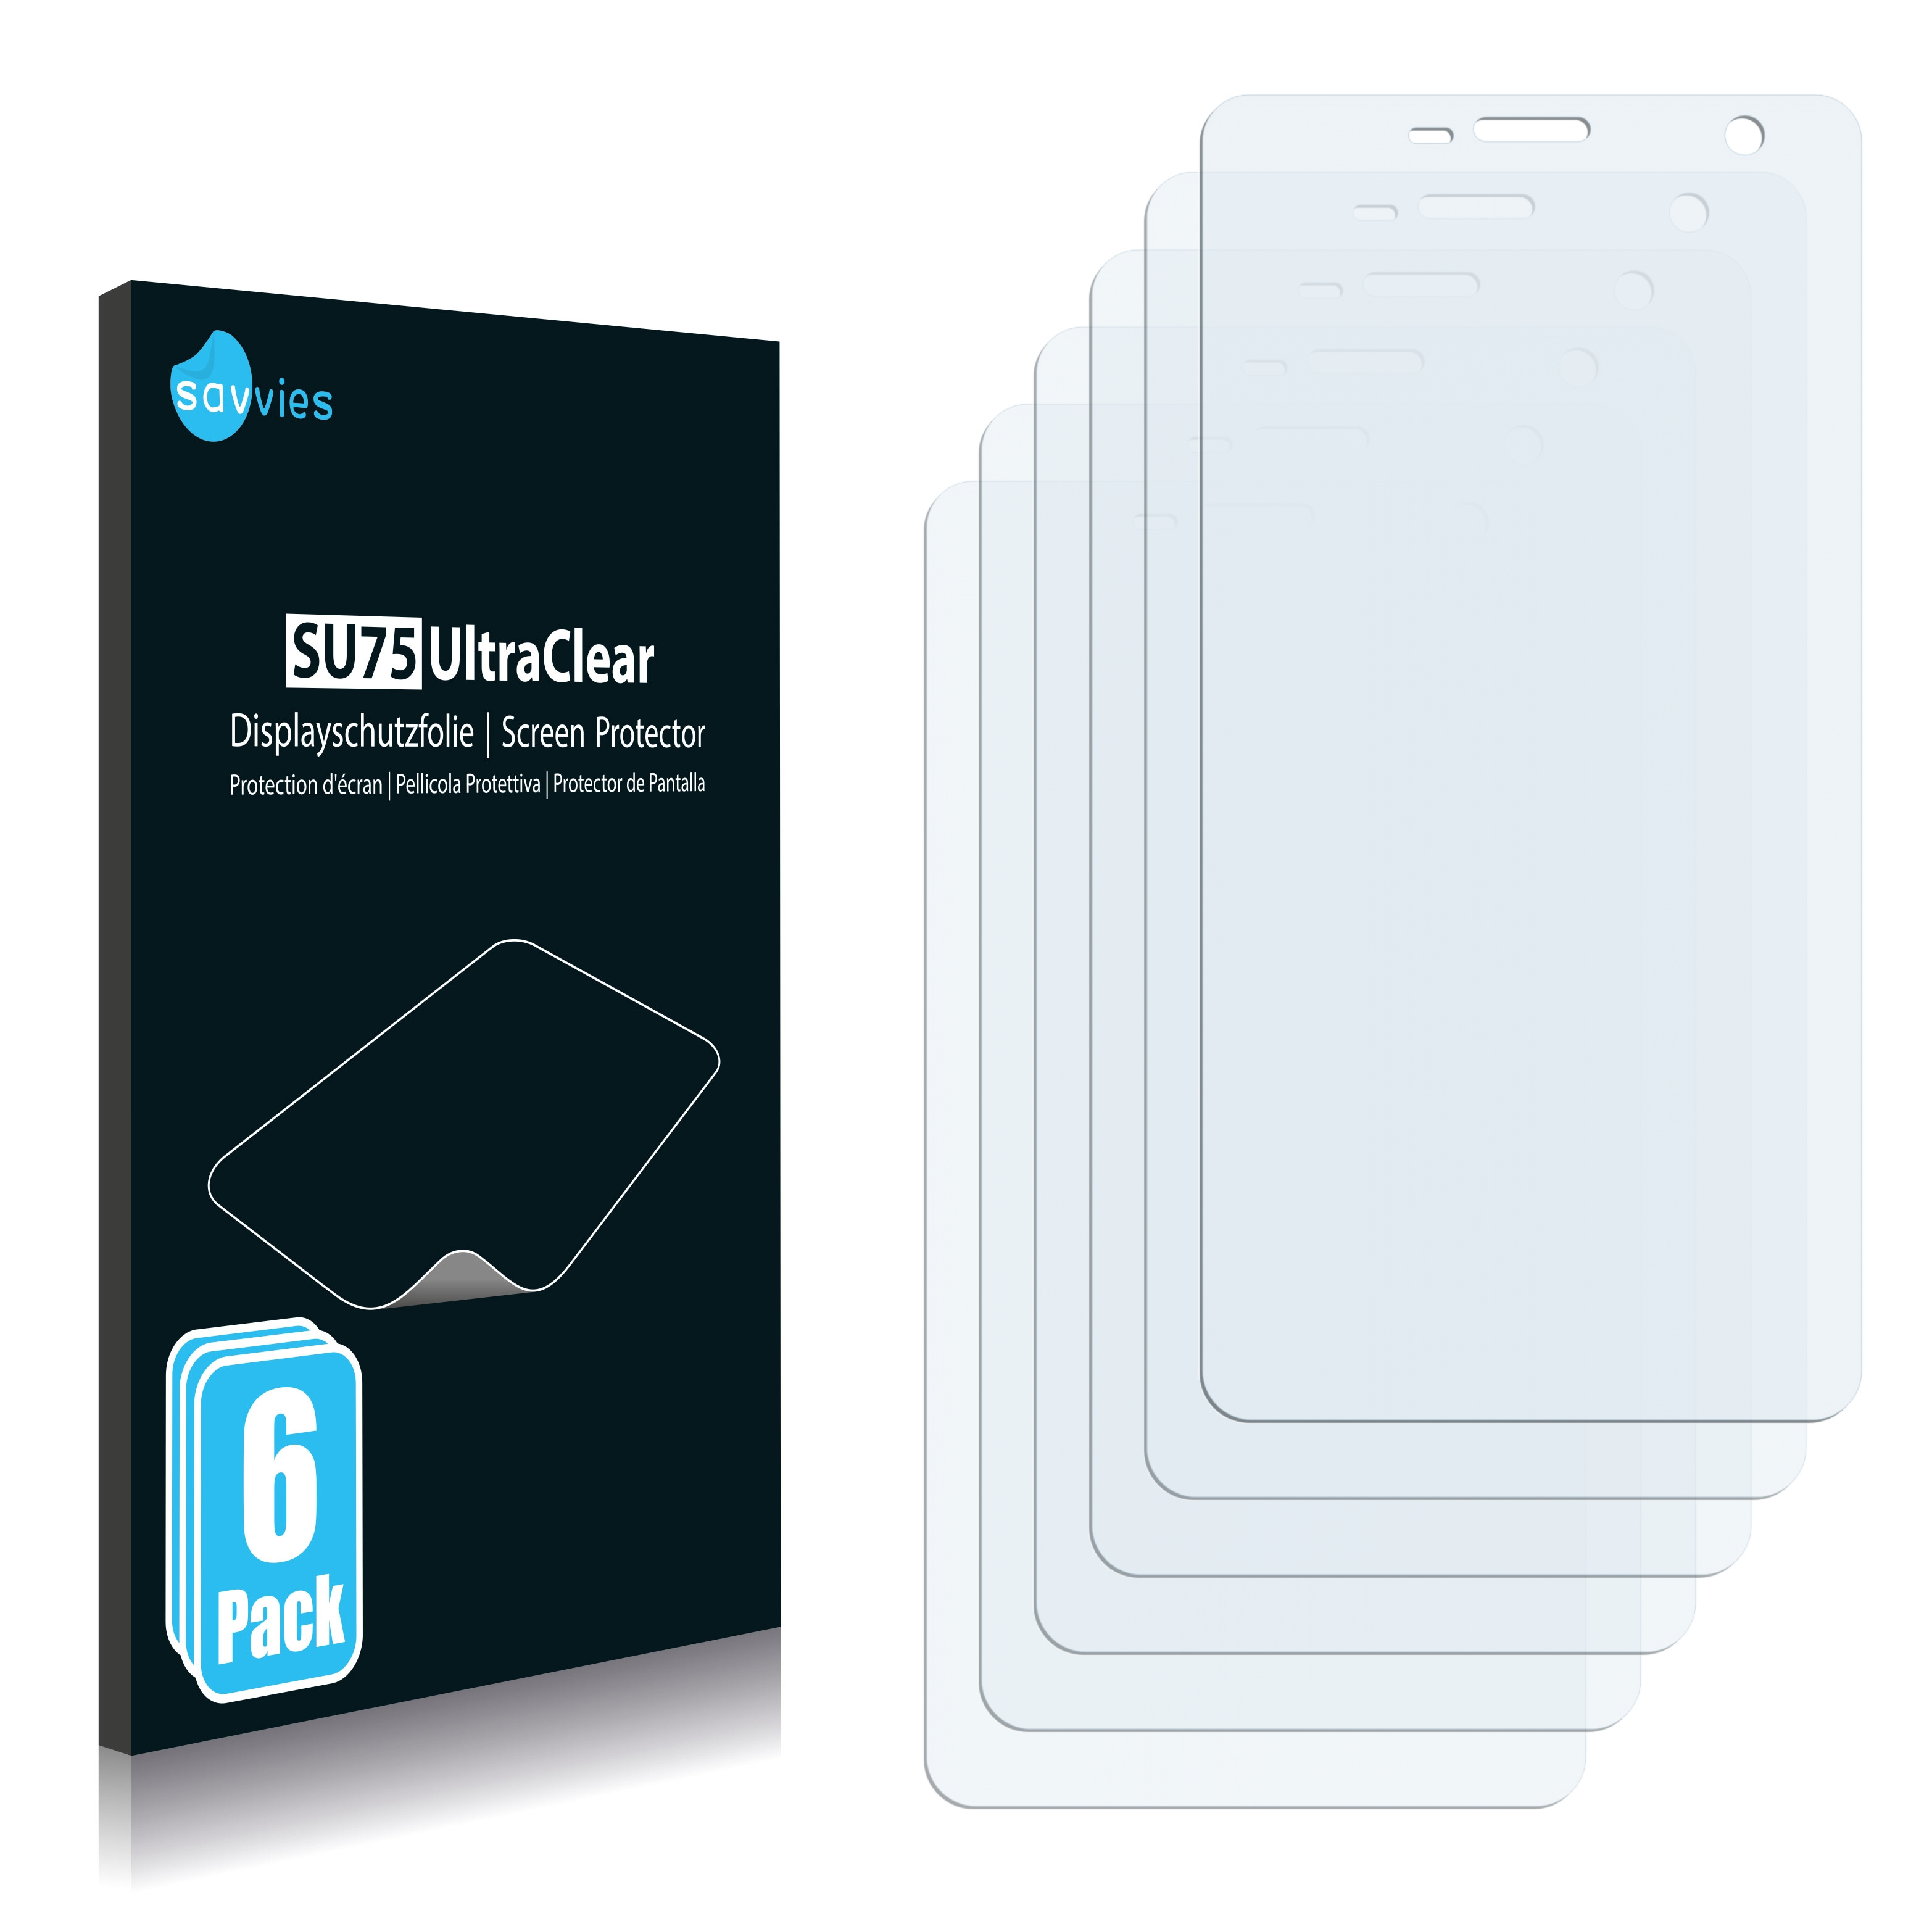 Ochranná fólie Savvies na Lenovo IdeaPhone K860, 6ks